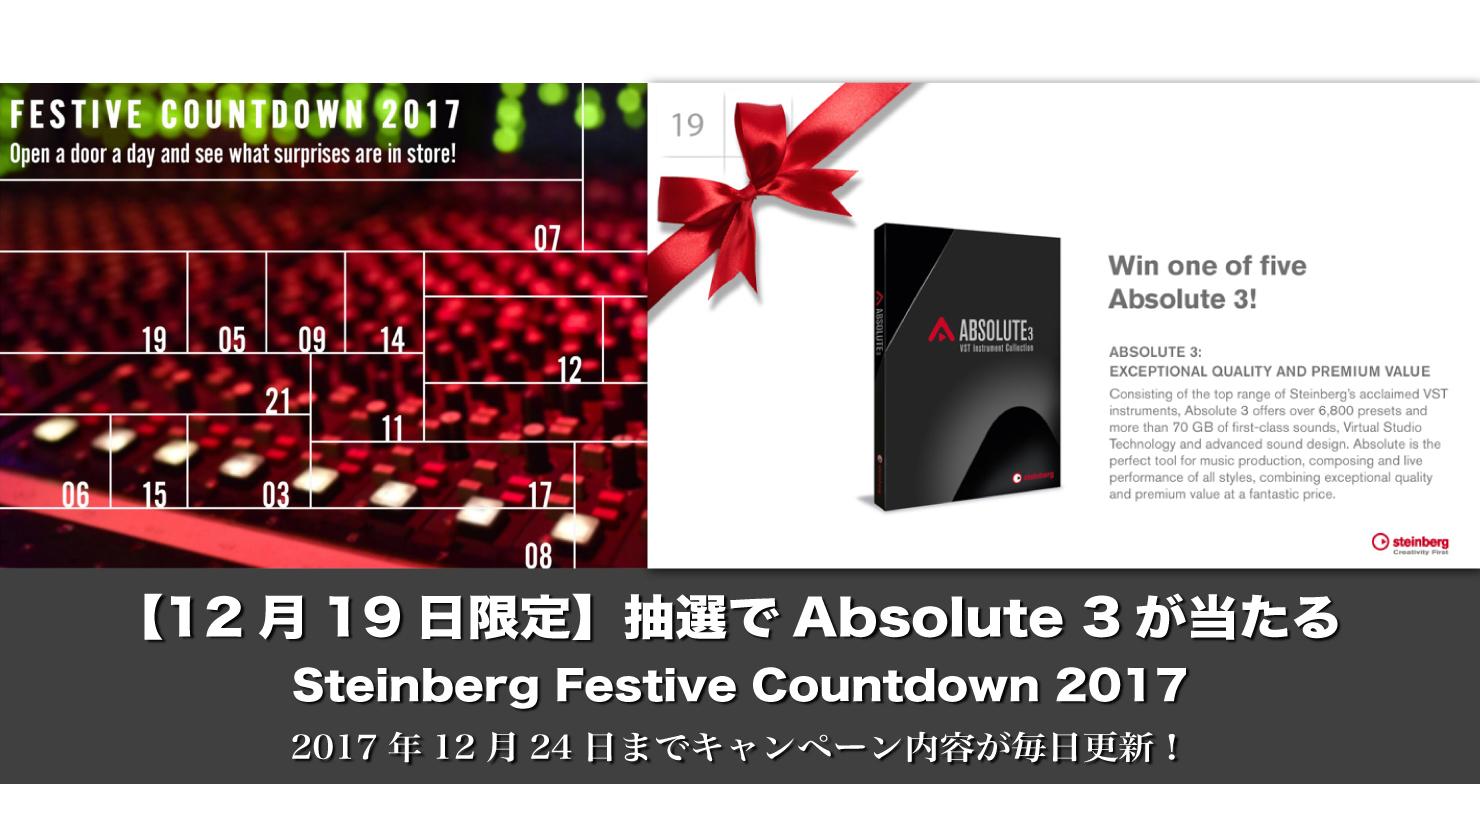 【12月19日限定】抽選でAbsolute 3が当たる Steinberg Festive Countdown 2017